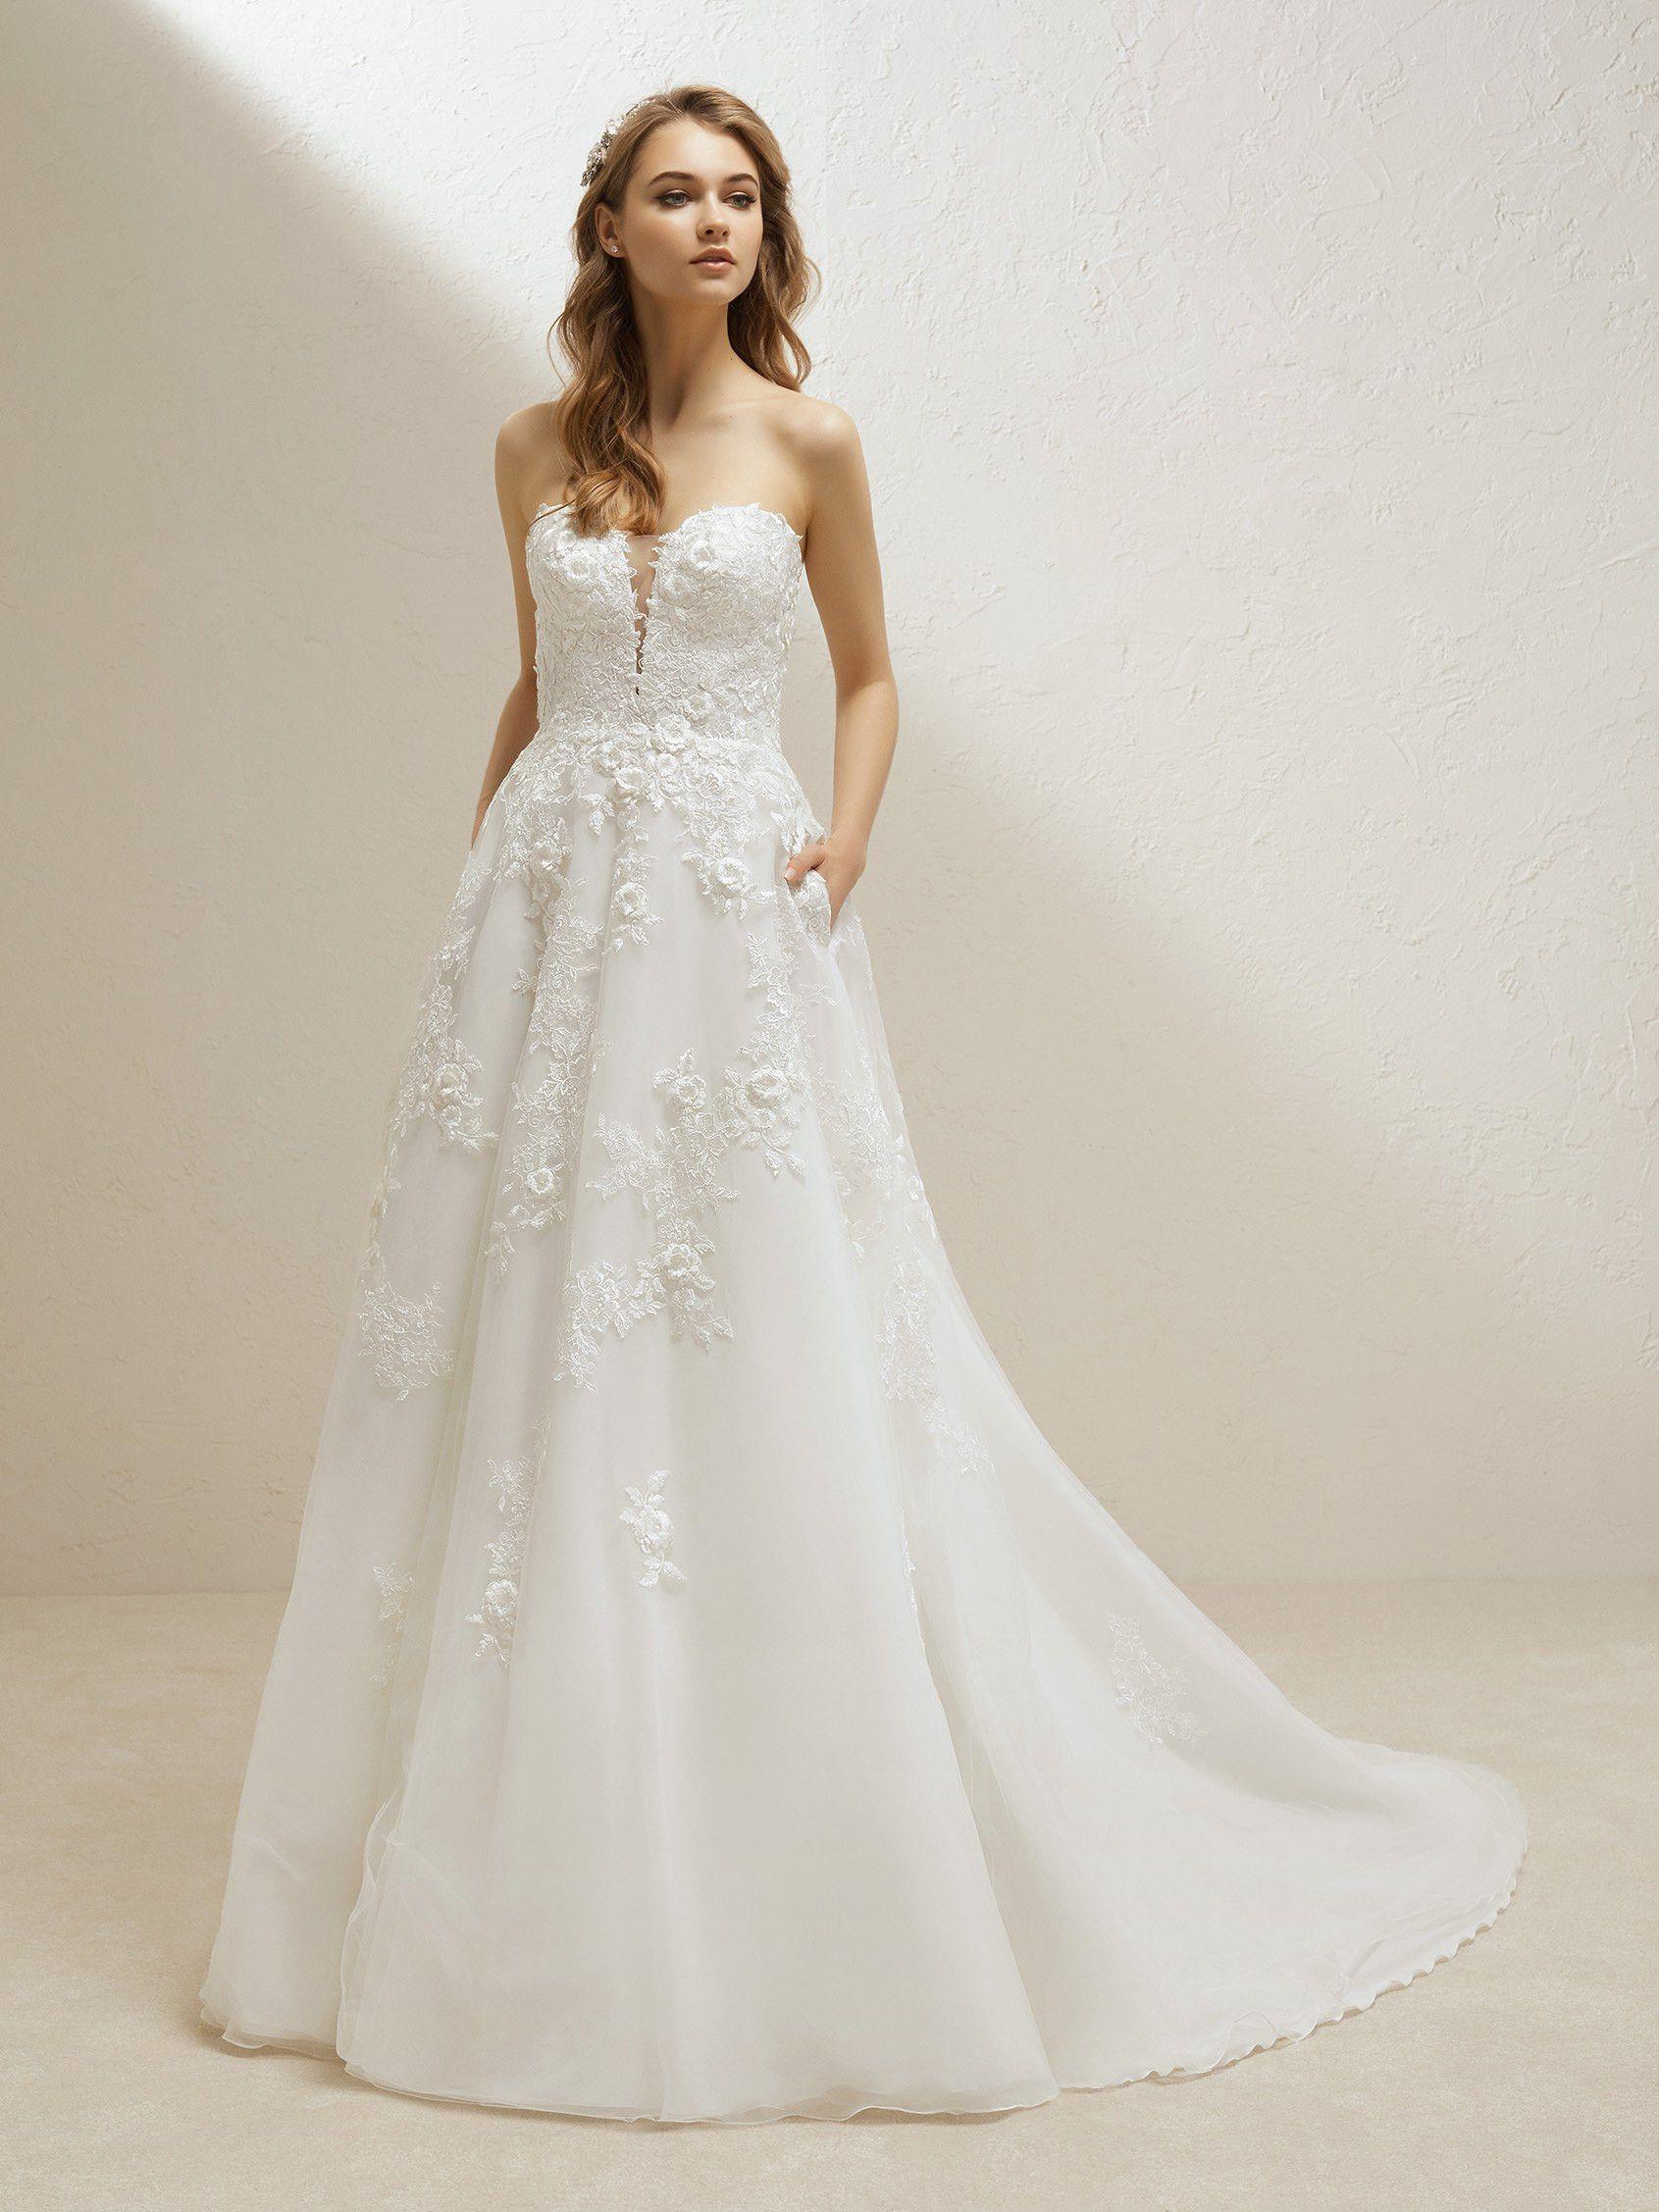 7de1b19d68e3e wedding-dress-princess-with-a sensual-sweetheart-neckline ...